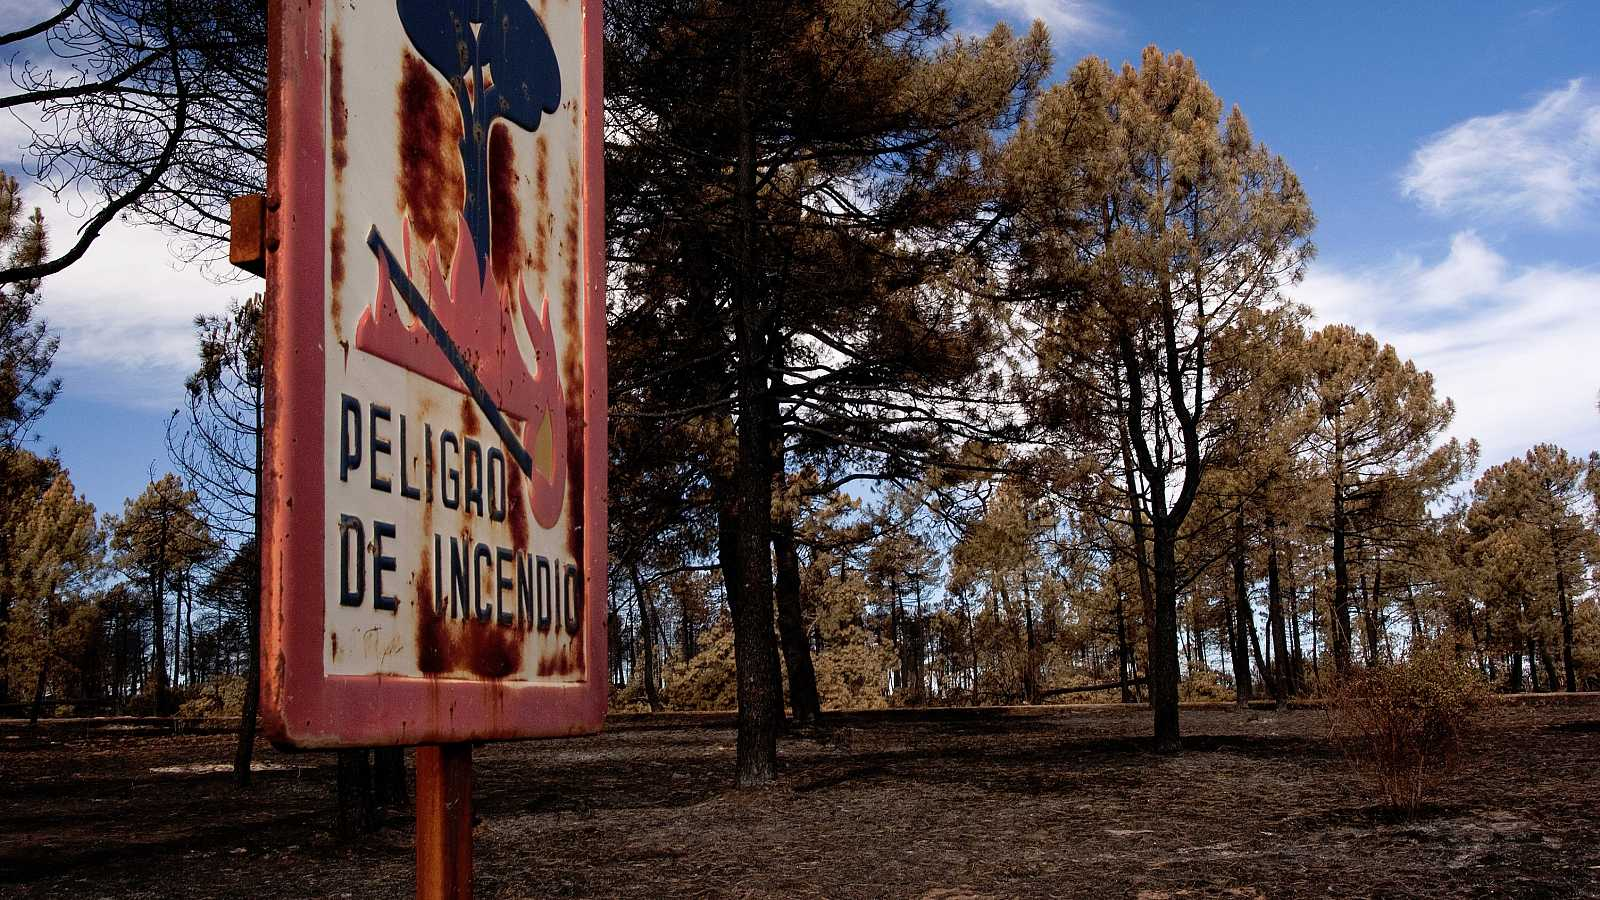 El paisaje español, ya de por sí altamente inflamable, se verá muy amenazado por el aumento de sequías.